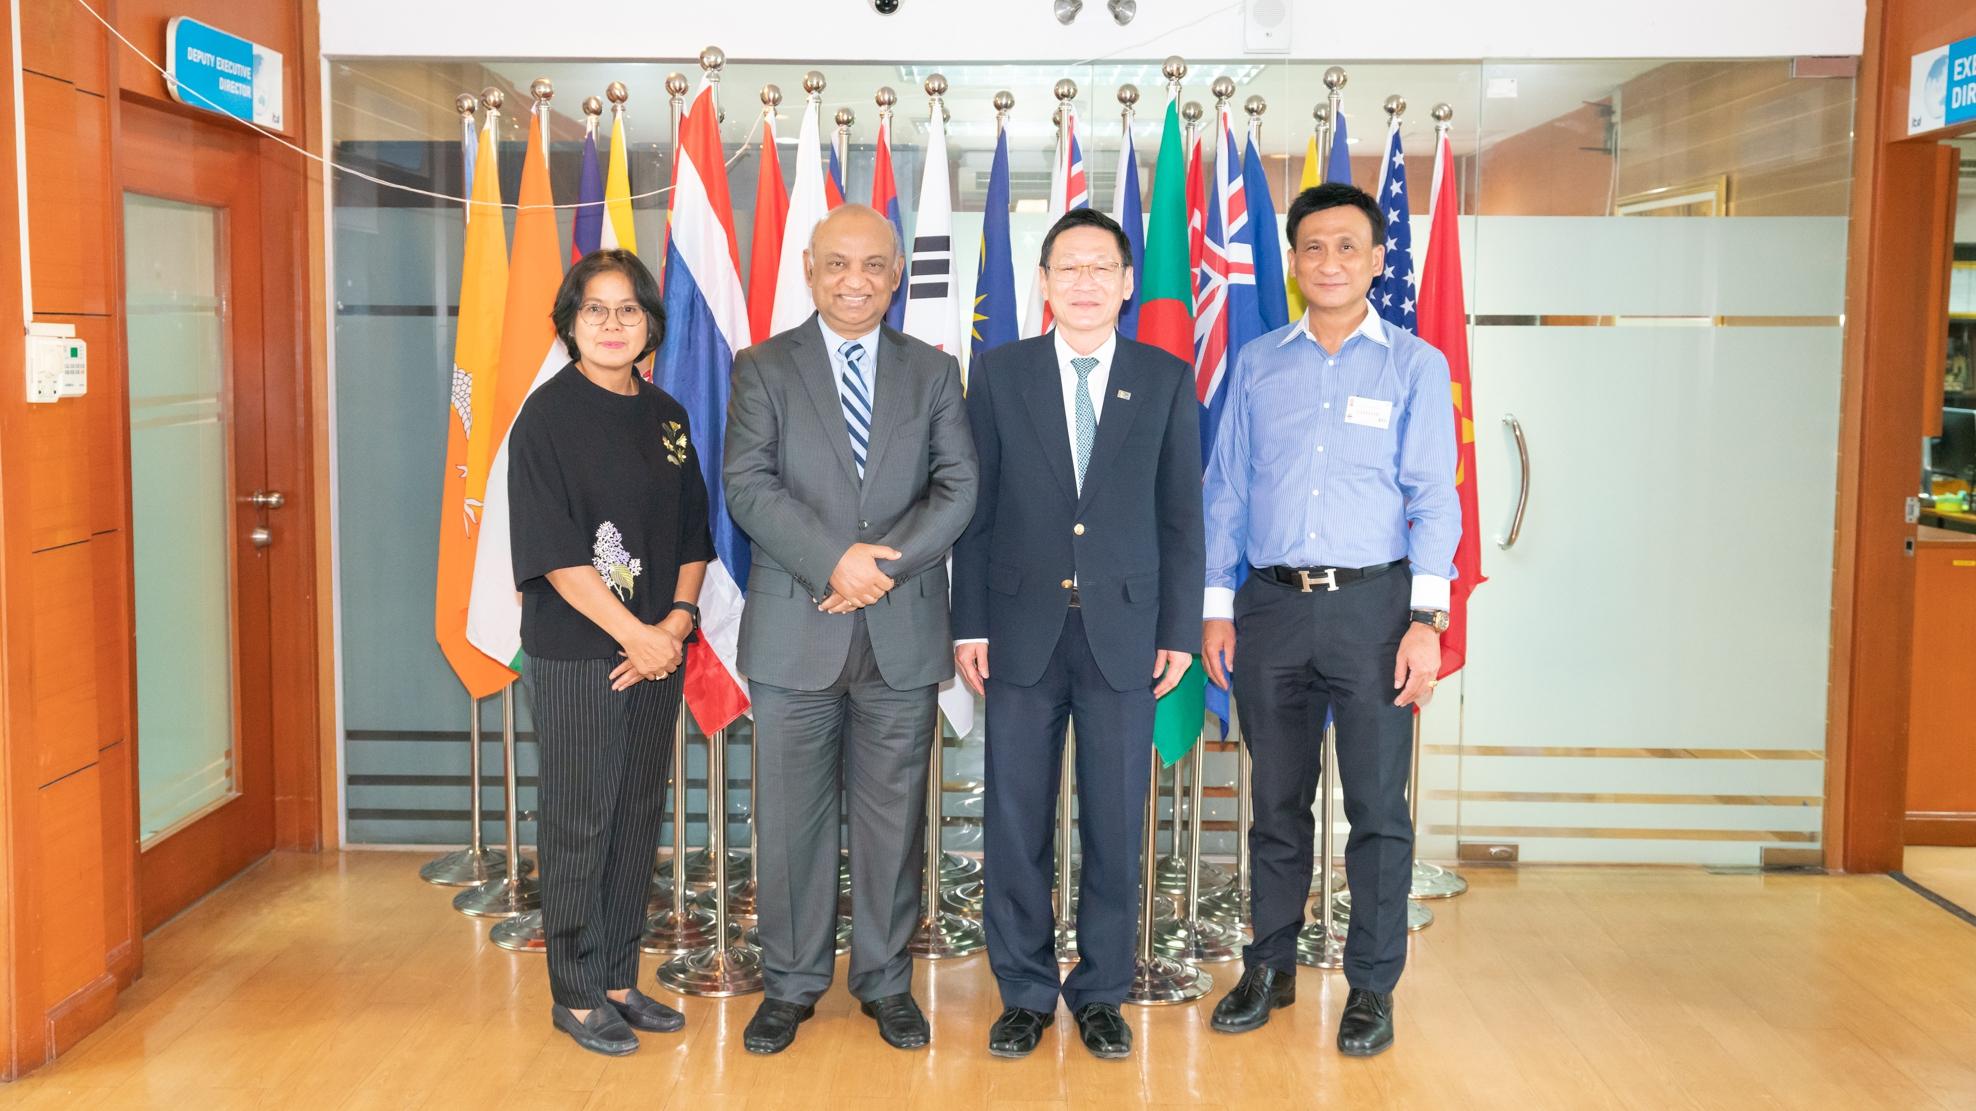 ผอ.ITD ให้การต้อนรับผู้บริหาร Bangladesh Shrimp and Fish Foundation และผู้บริหารบริษัท ไทยยูเนี่ยนฟีดมิลล์